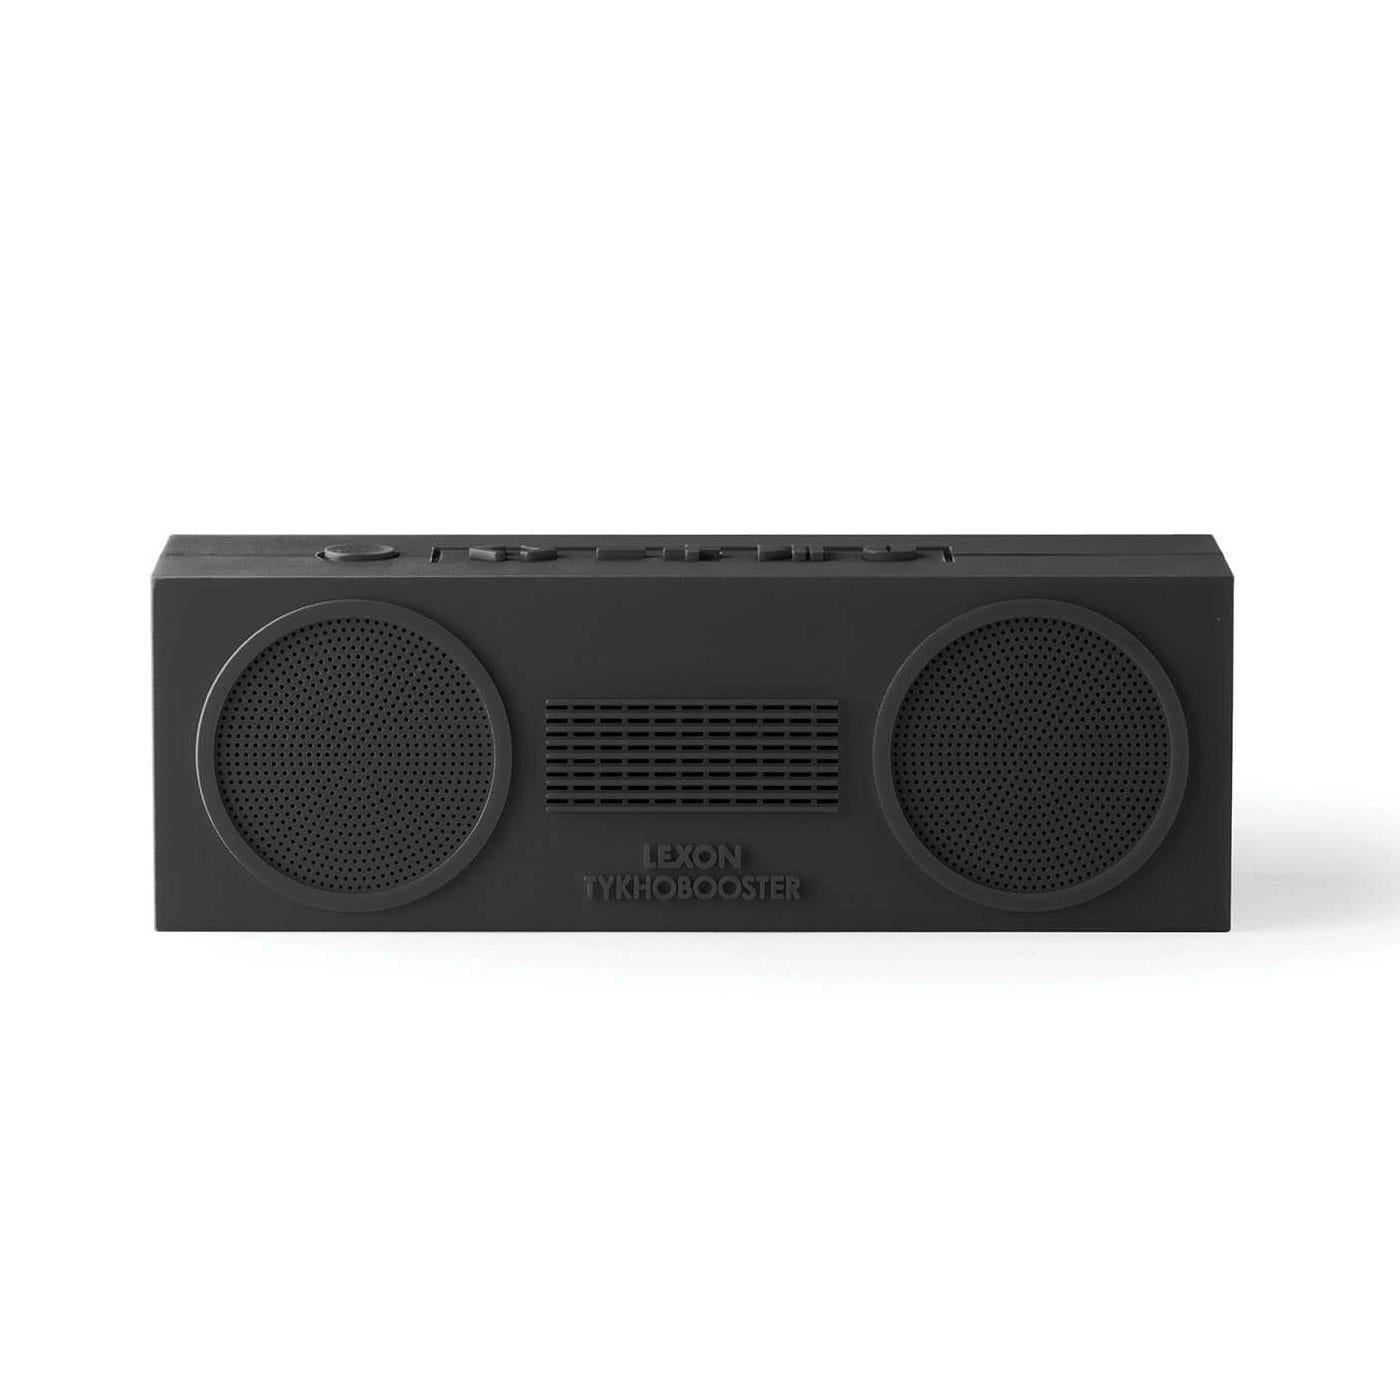 Tykho Booster Bluetooth Speaker